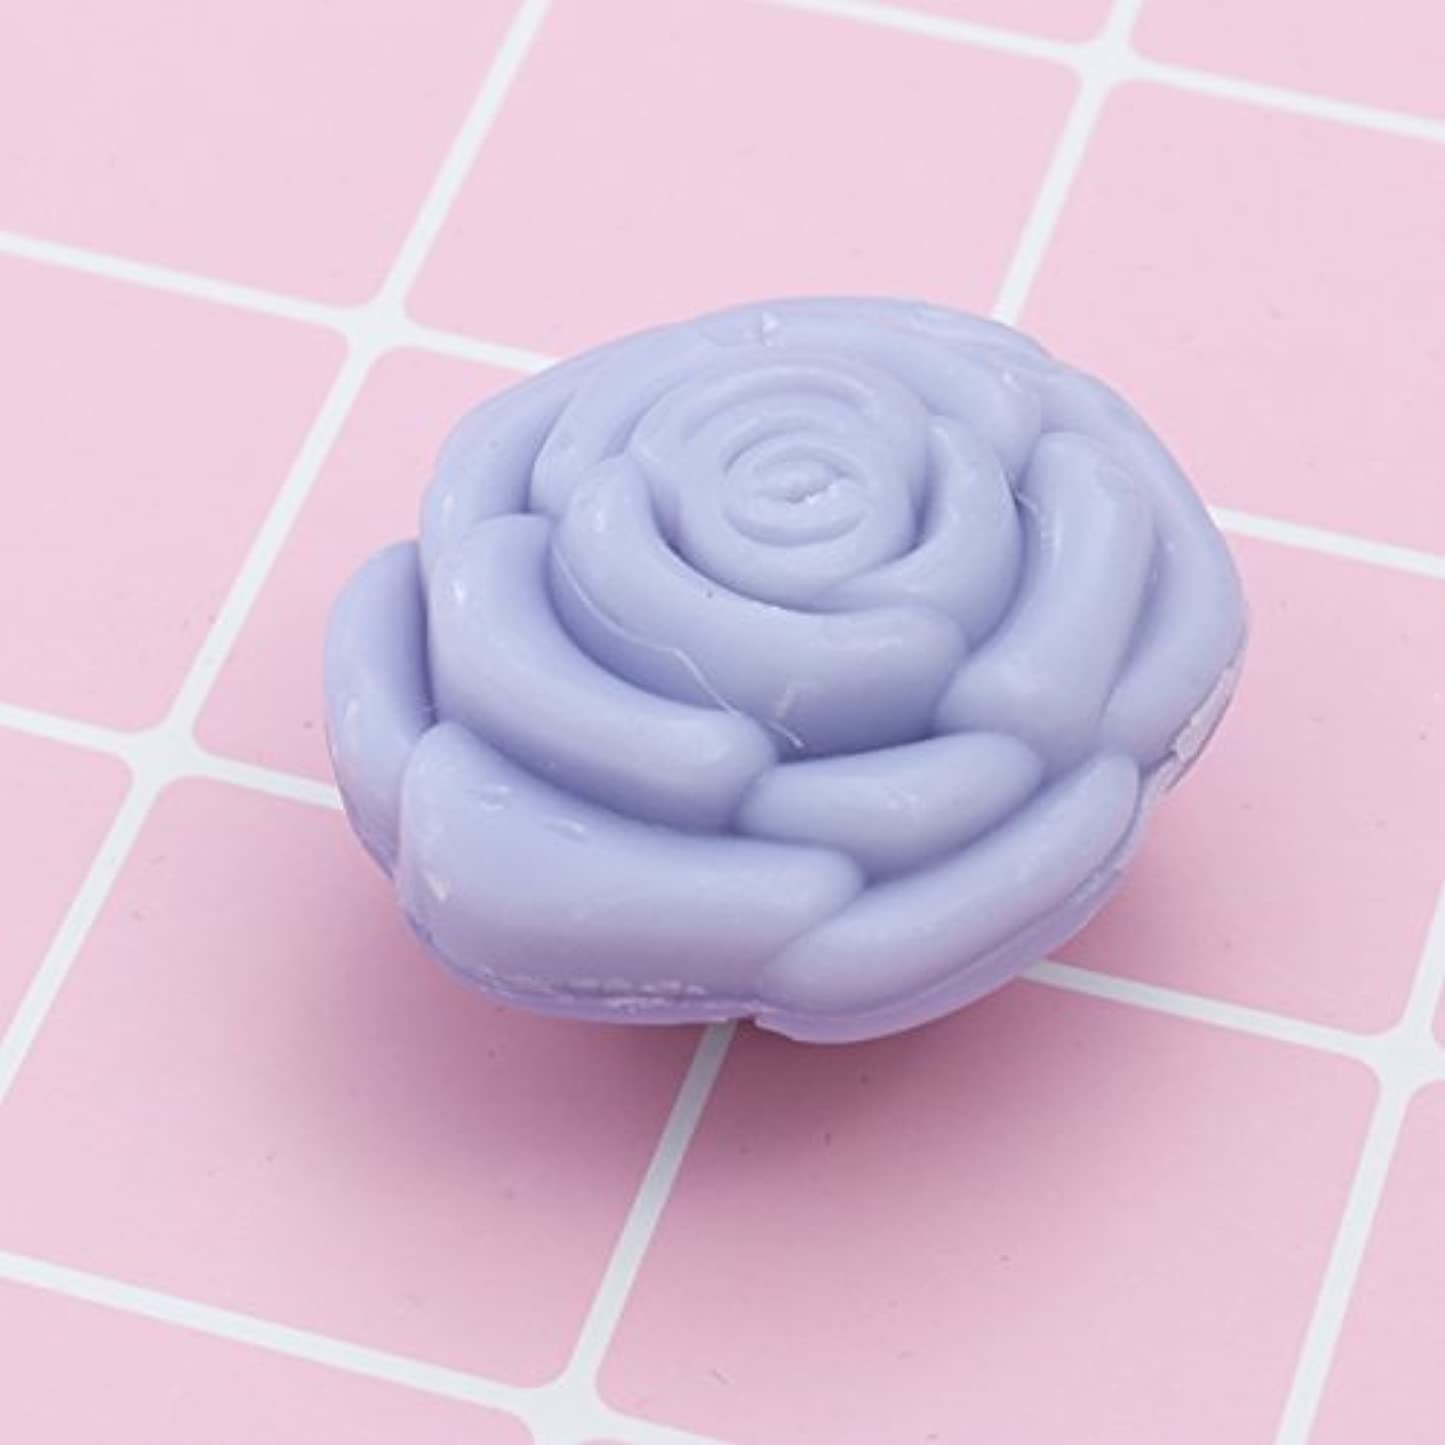 特別なのスマイルAmosfun 手作り石鹸オイルローズフラワーソープアロマエッセンシャルオイルギフト記念日誕生日結婚式バレンタインデー(紫)20ピース